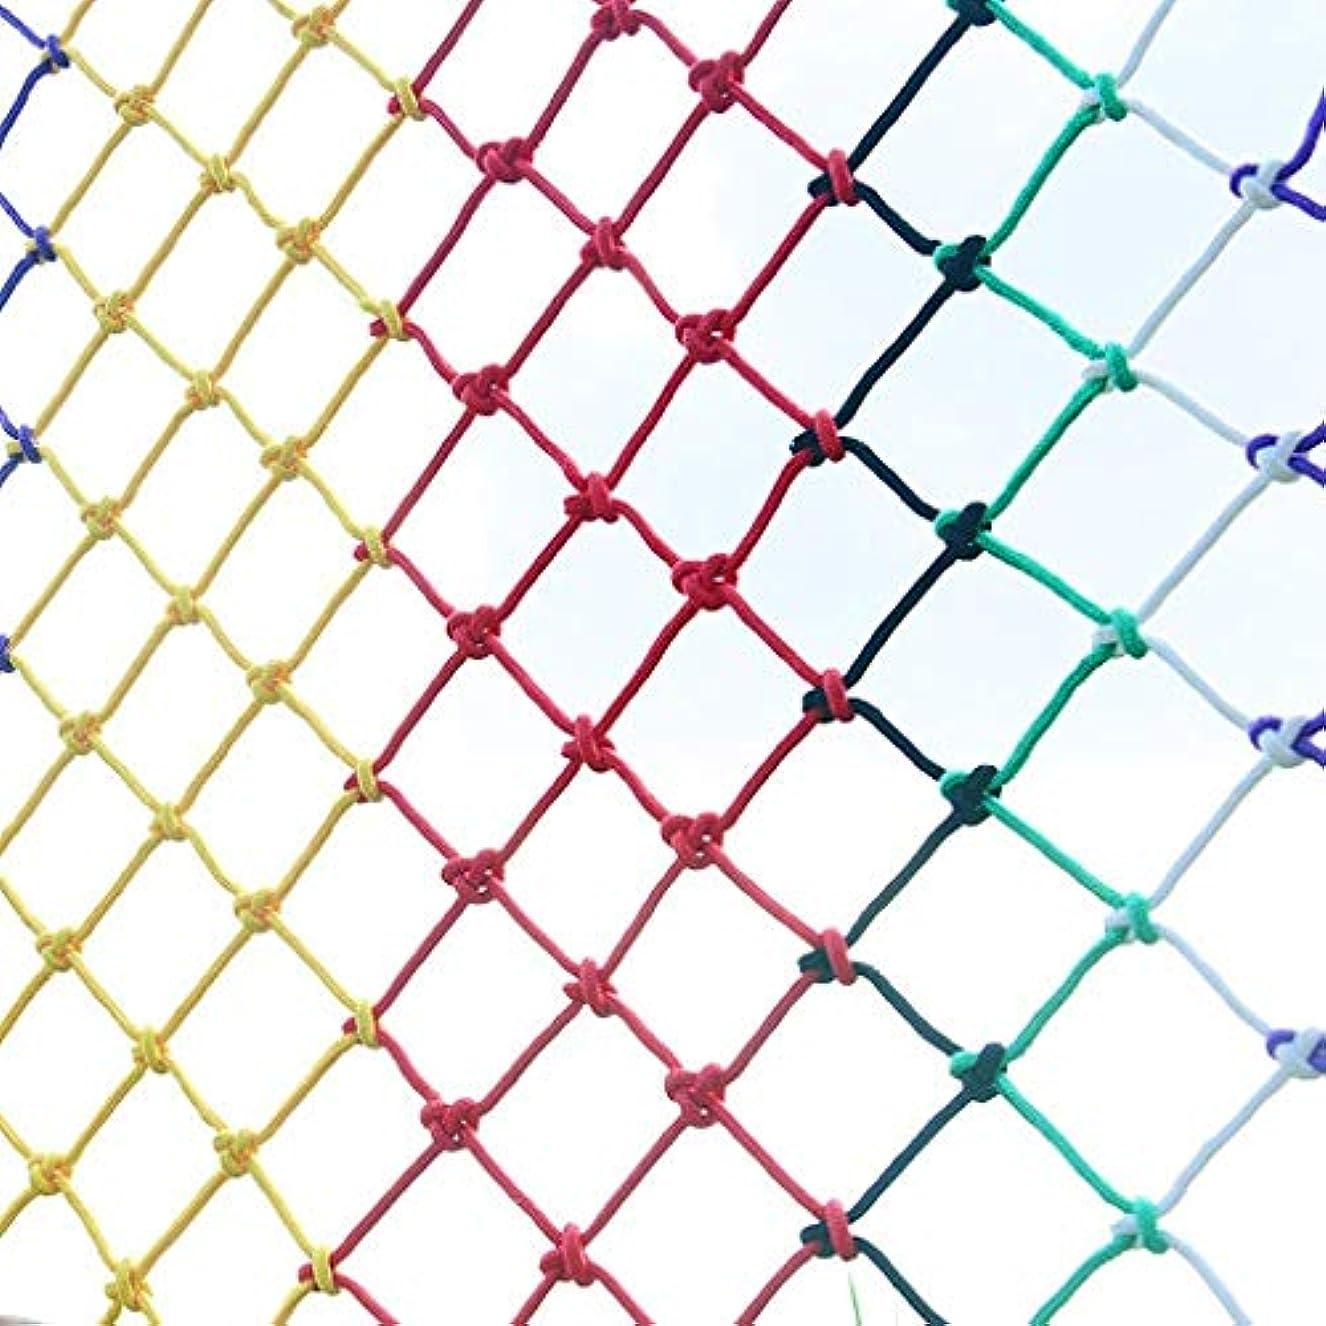 好色ないろいろ抵抗子供の安全ネット防護ネットバルコニー階段落下防止ネット幼稚園色装飾ネットフェンスネットワークメッシュ間隔10CM、オプション、ハンド編組構造 (Size : 5x5m)